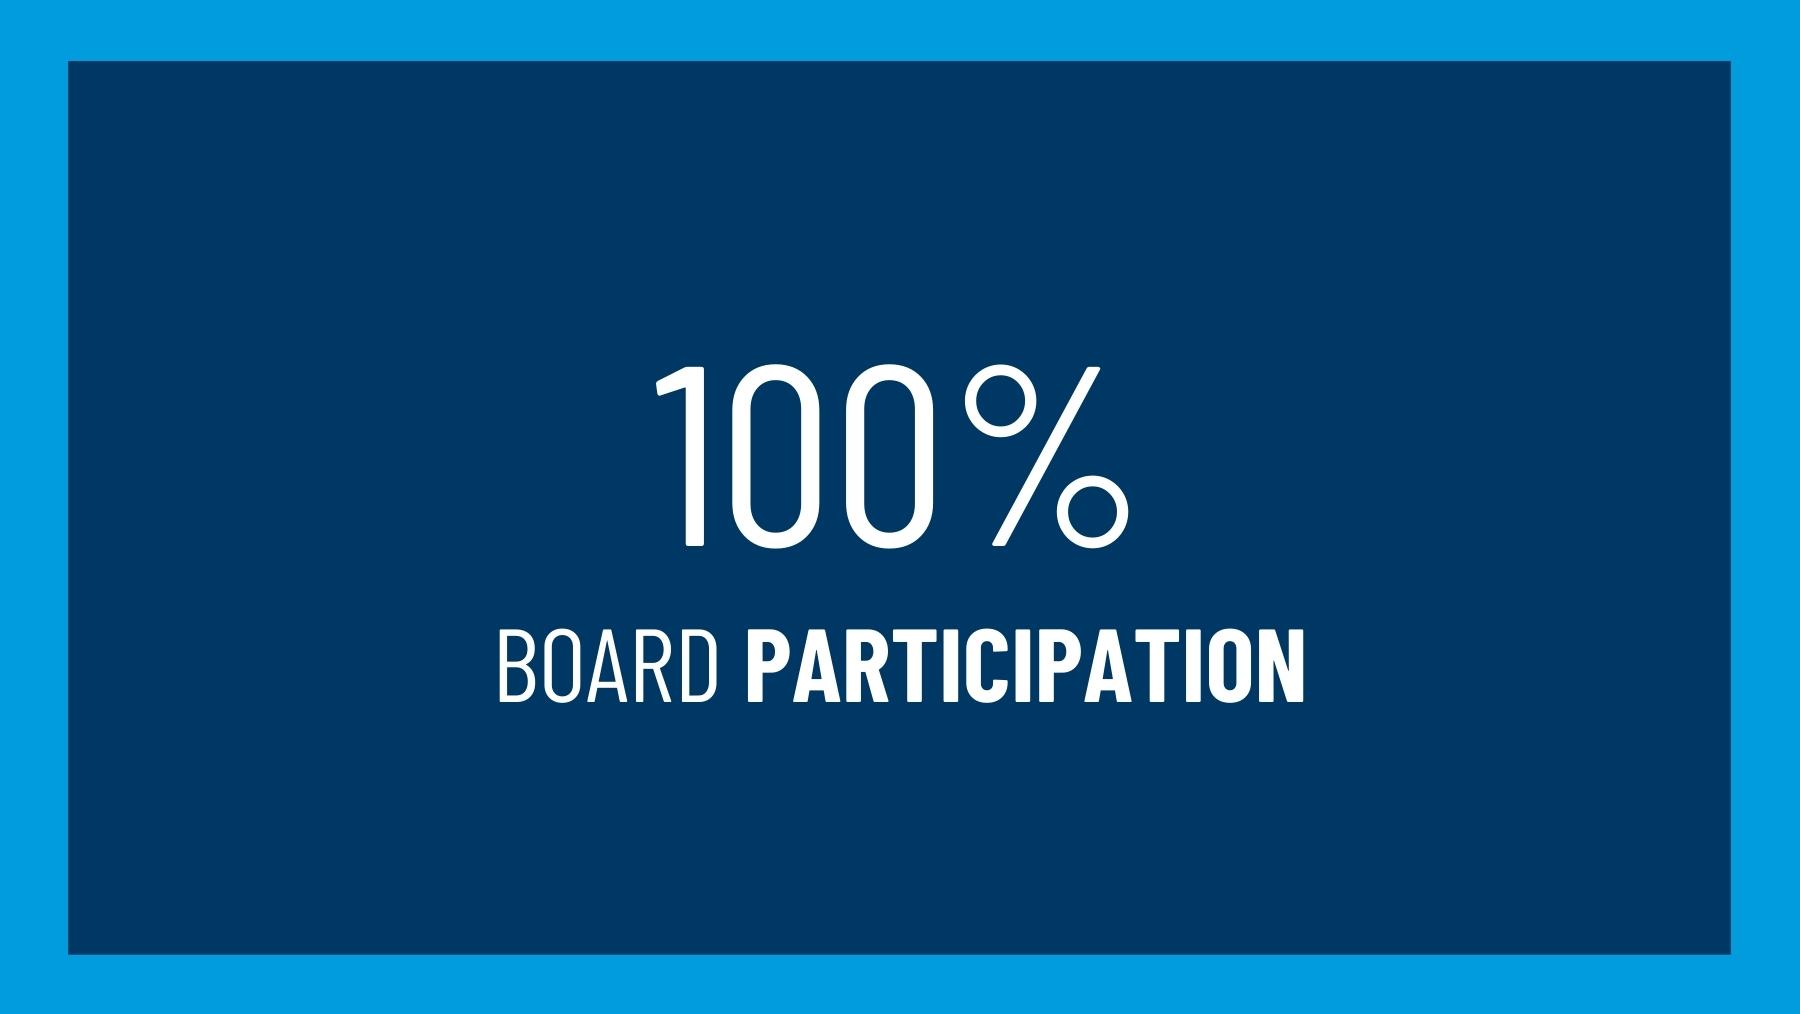 100% board participation